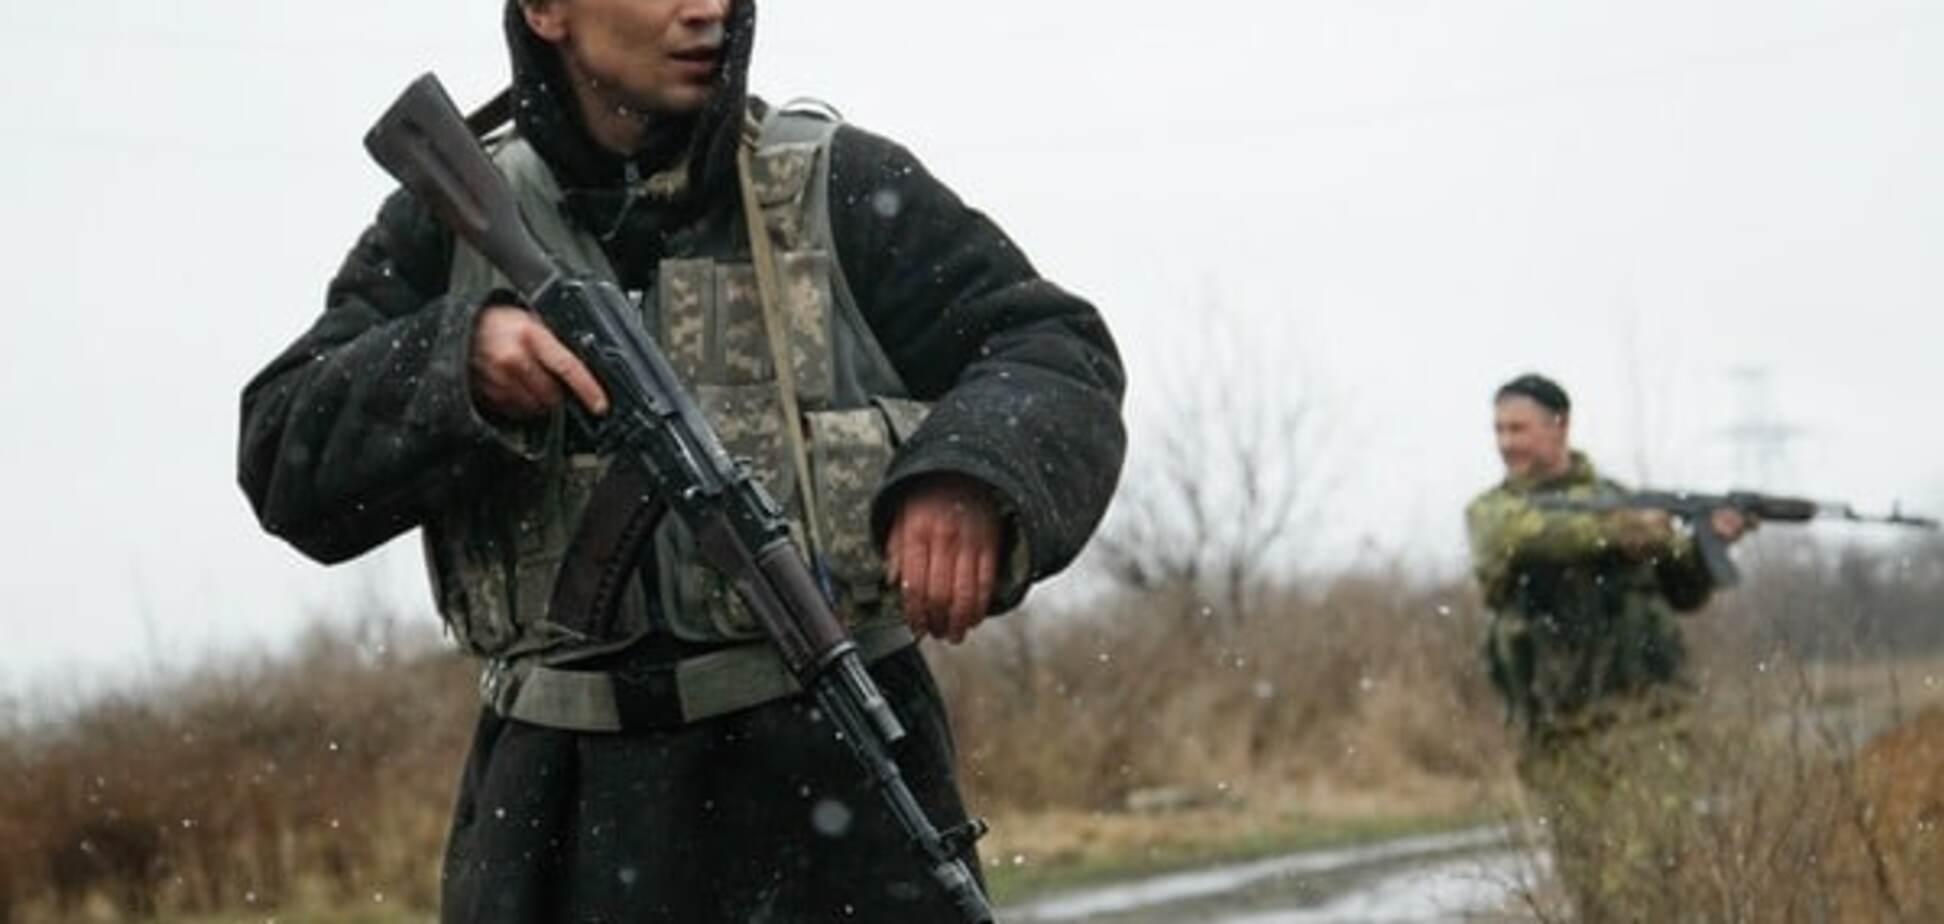 На Донбасі снайпери терористів атакували сили АТО в районі Мар'їнки - штаб